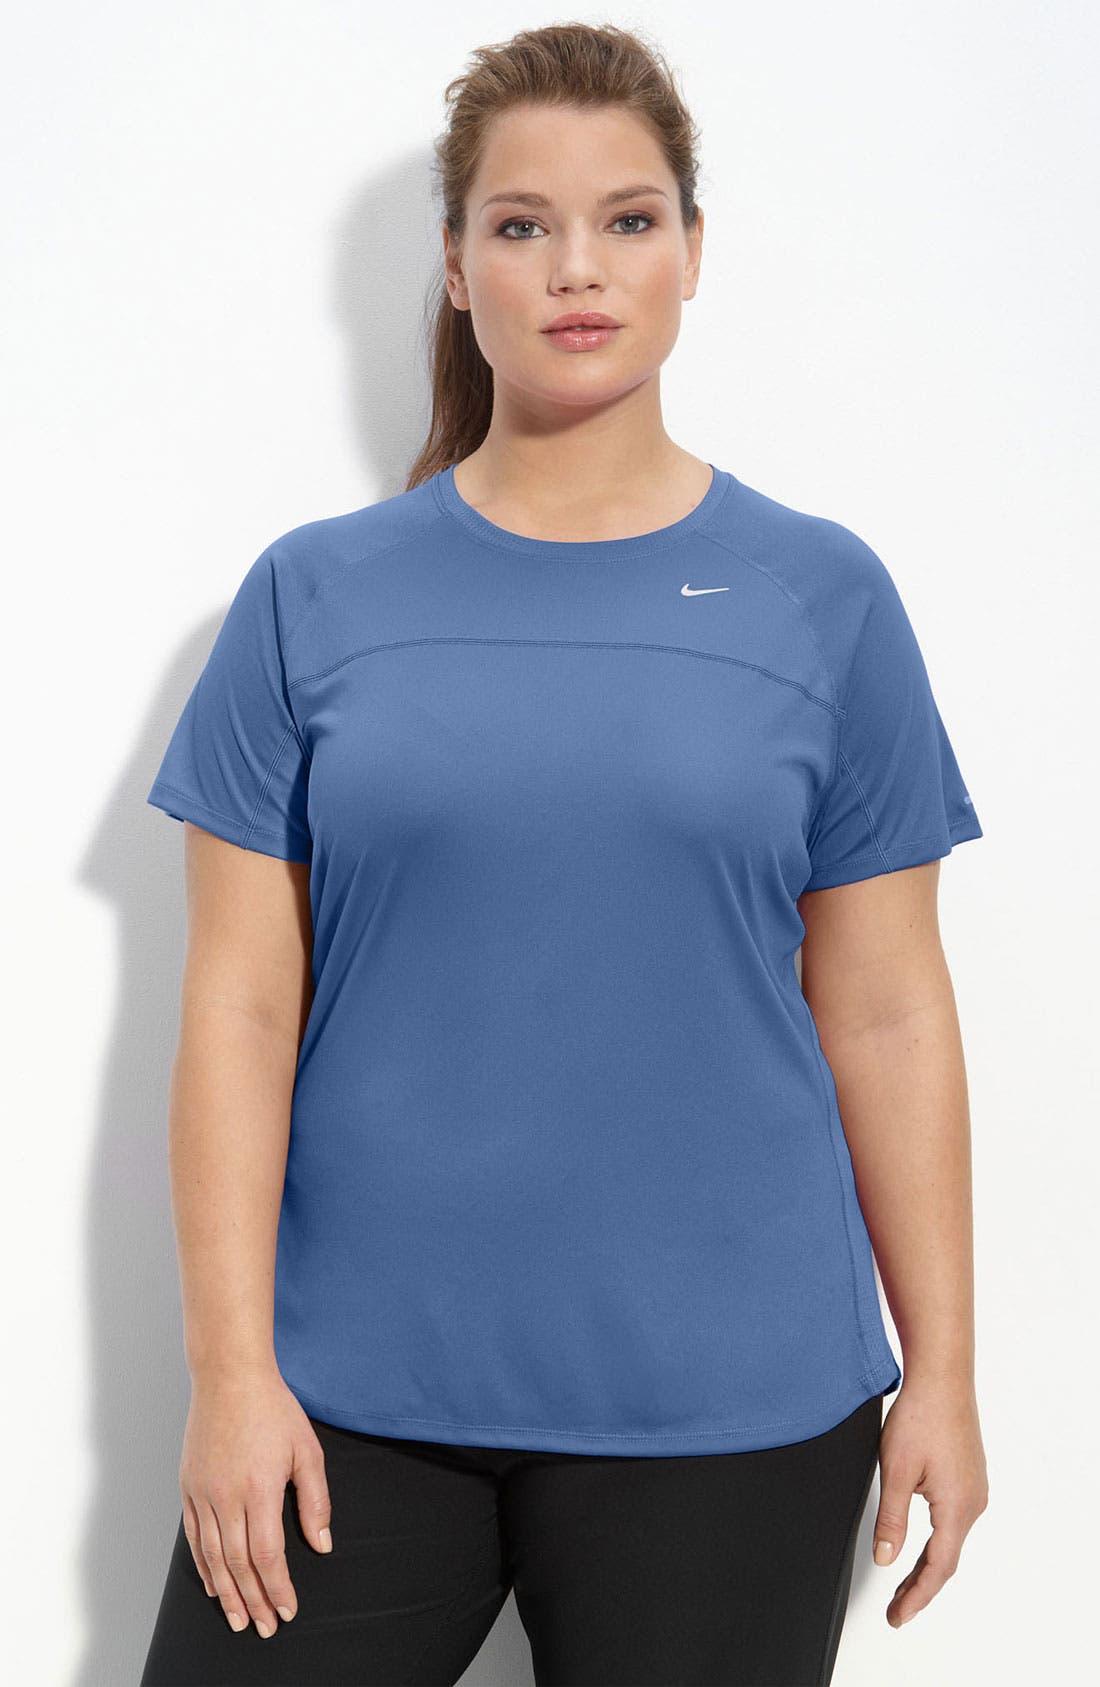 Alternate Image 1 Selected - Nike 'Miler' Short Sleeve Tee (Plus)